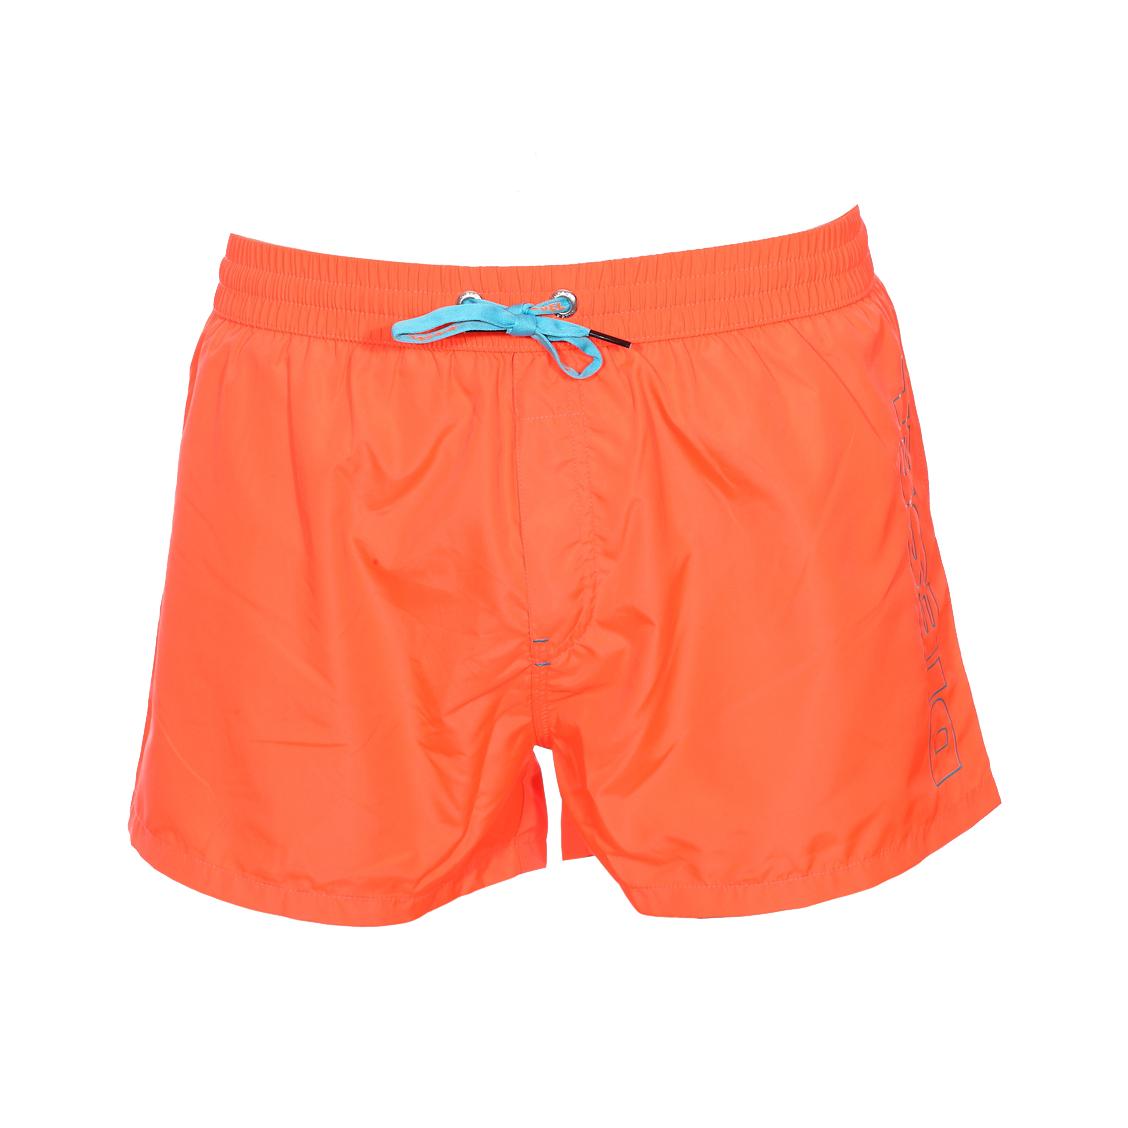 Short de bain diesel sandy orange fluo